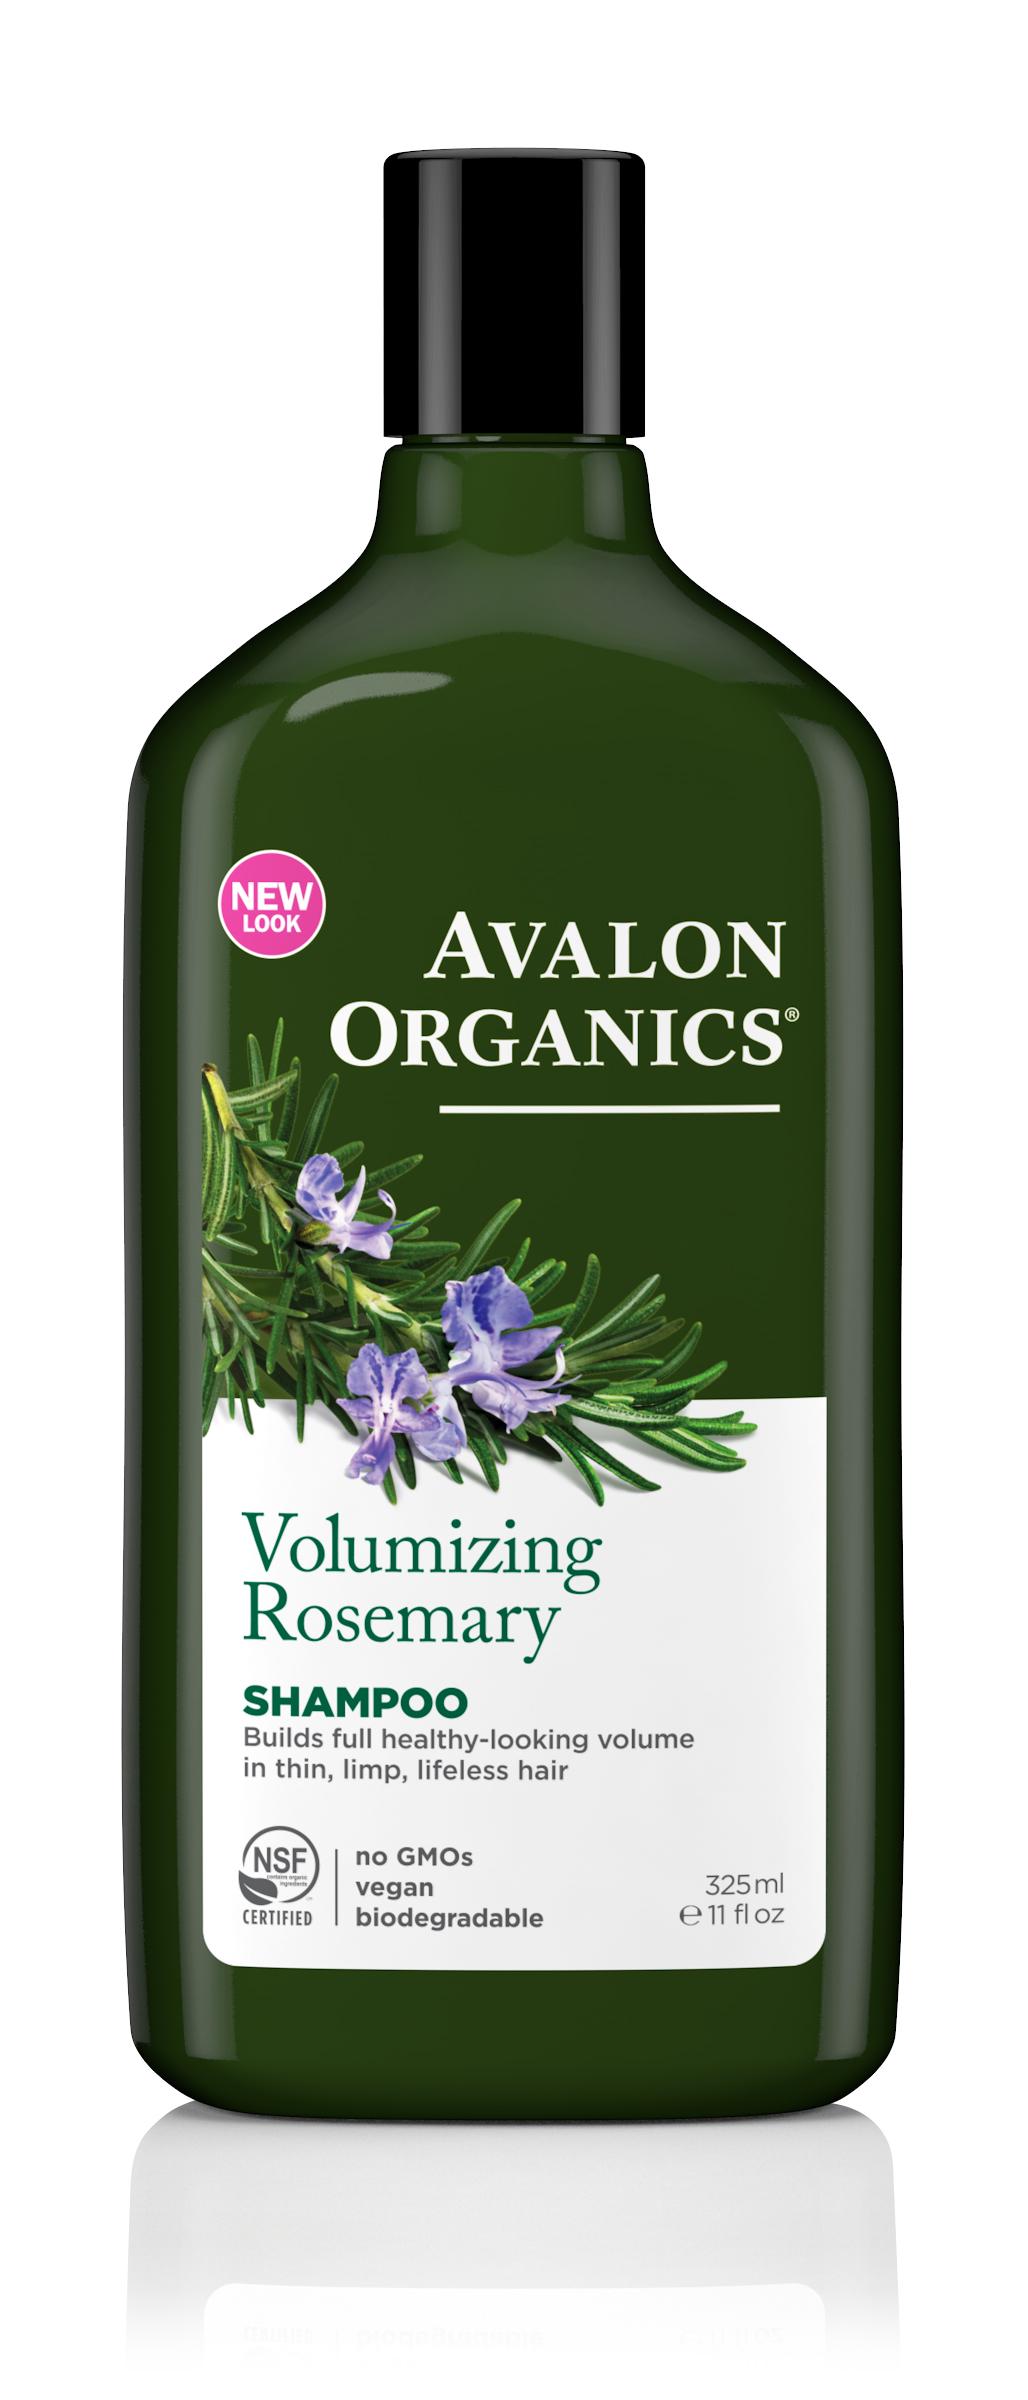 Avalon Organics Rosemary Shampoo